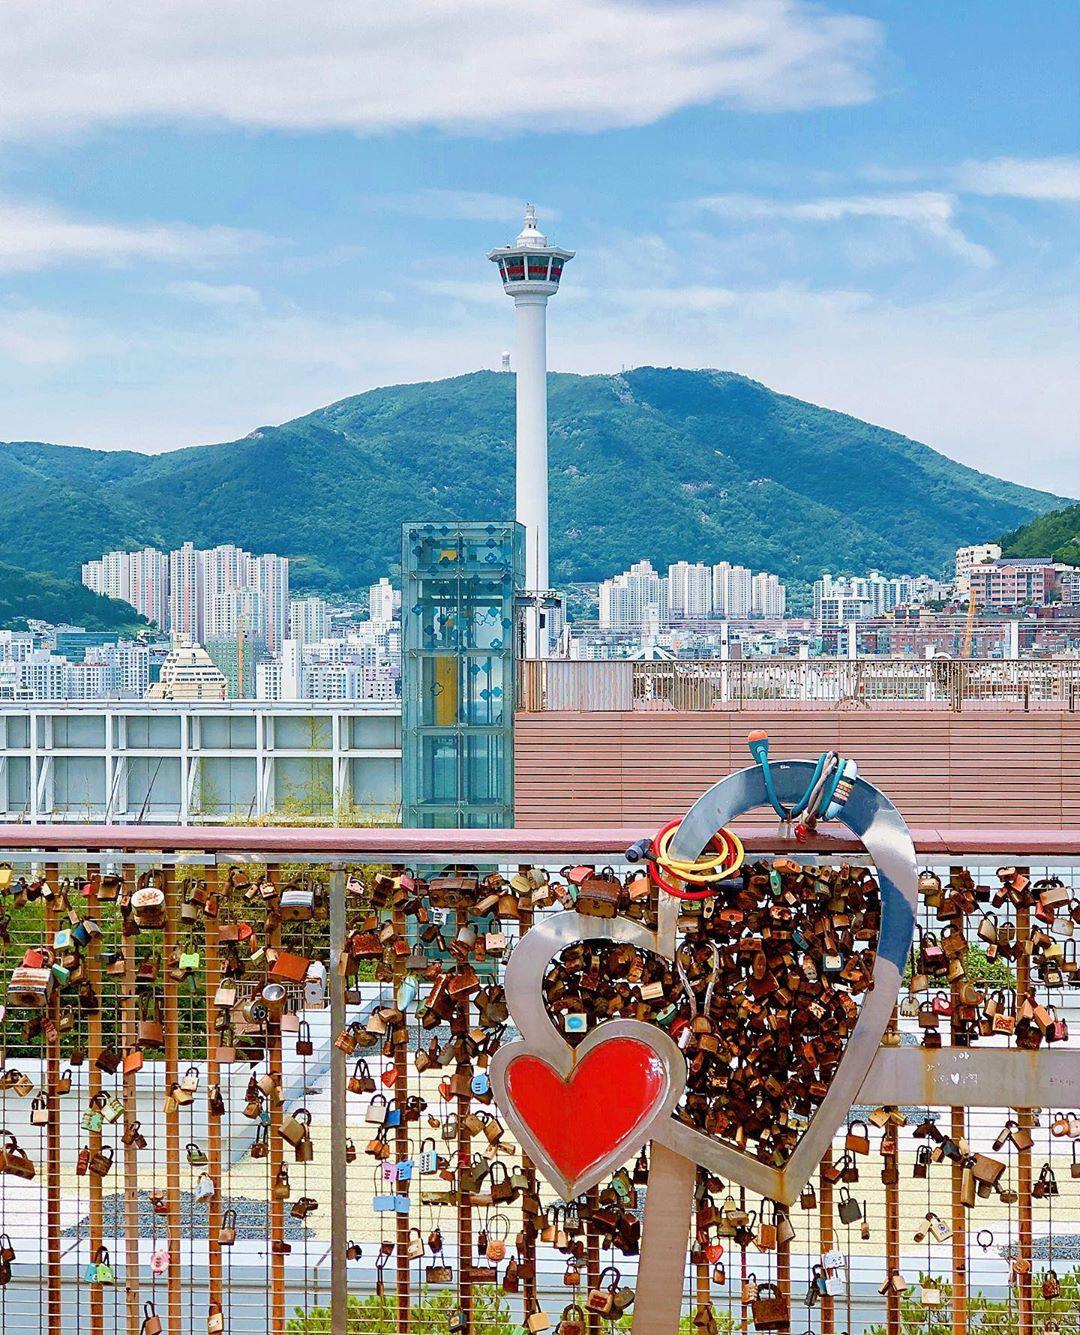 Mê mệt với những điểm đến hút khách du lịch bậc nhất Busan - Ảnh 27.